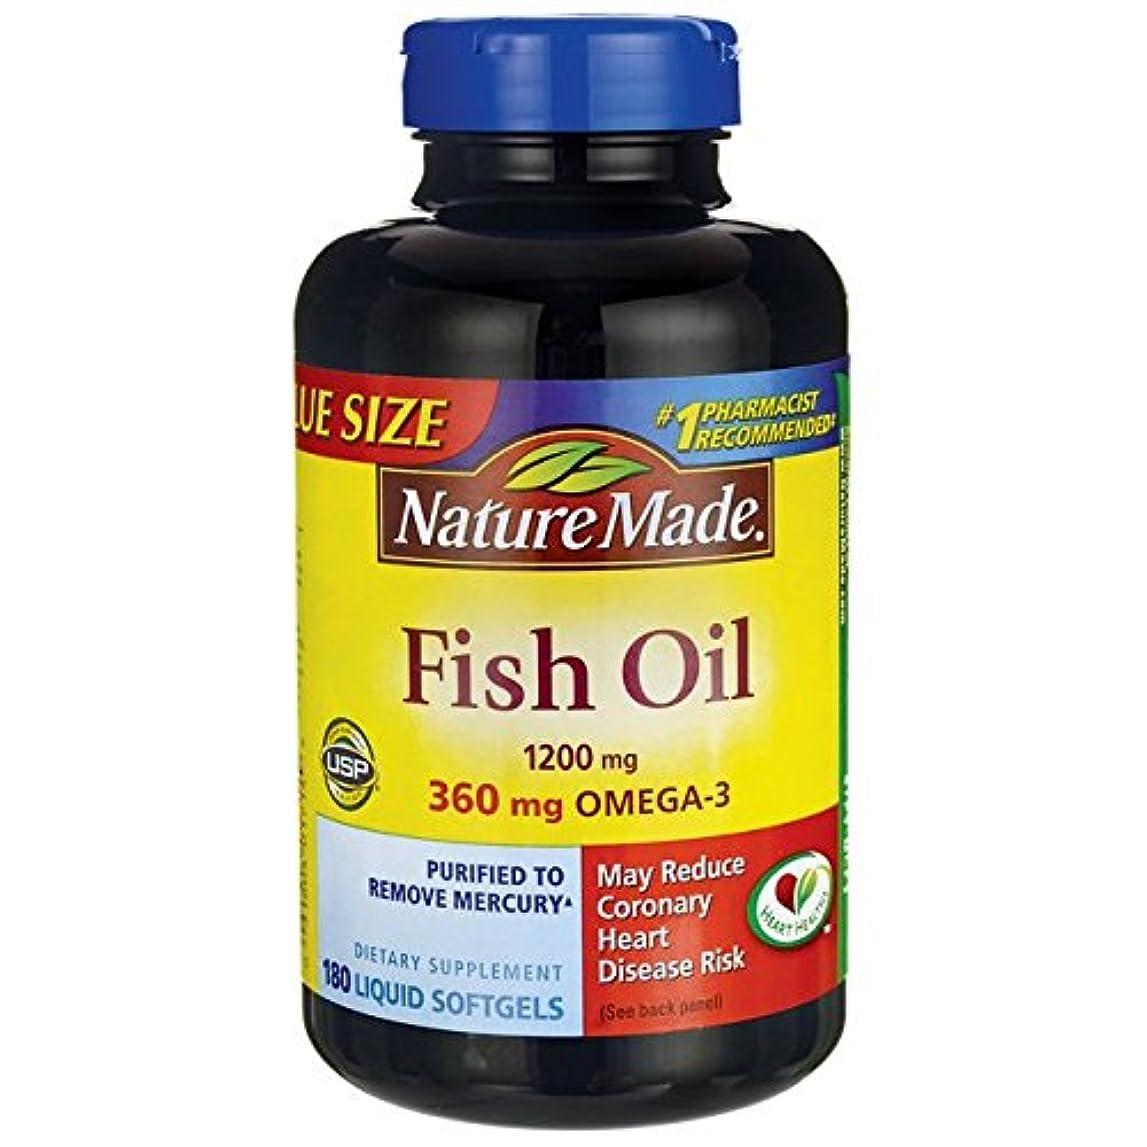 リスキーな進捗手錠Nature Made Fish Oil Omega-3 1200mg, (180 Liquid Soft Gels) by Nature Made